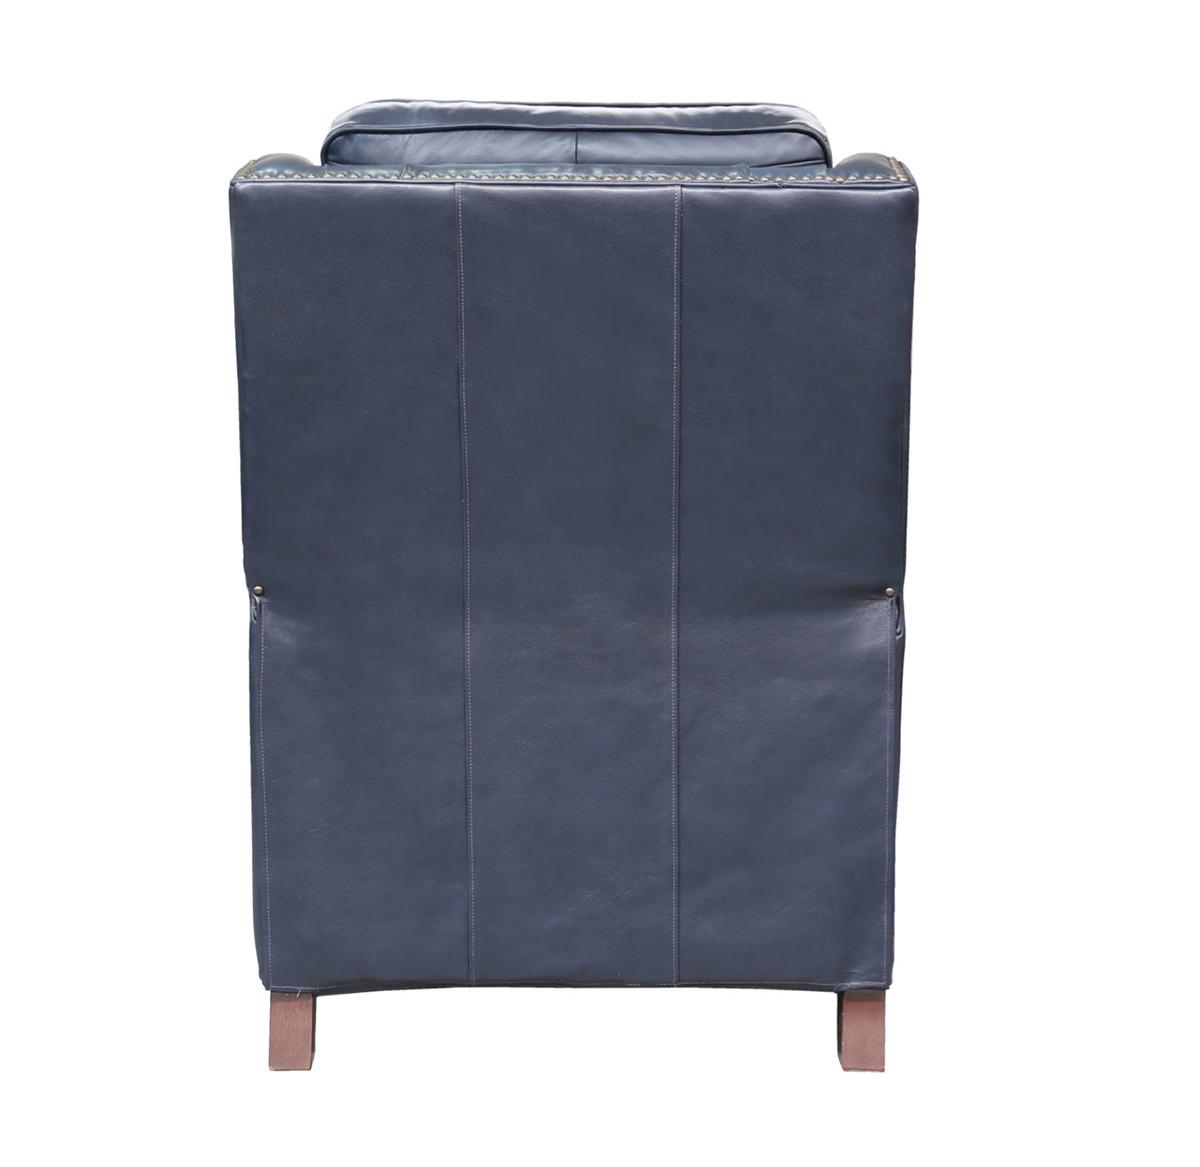 Barcalounger Van Buren Recliner Chair - Shoreham Blue/all leather